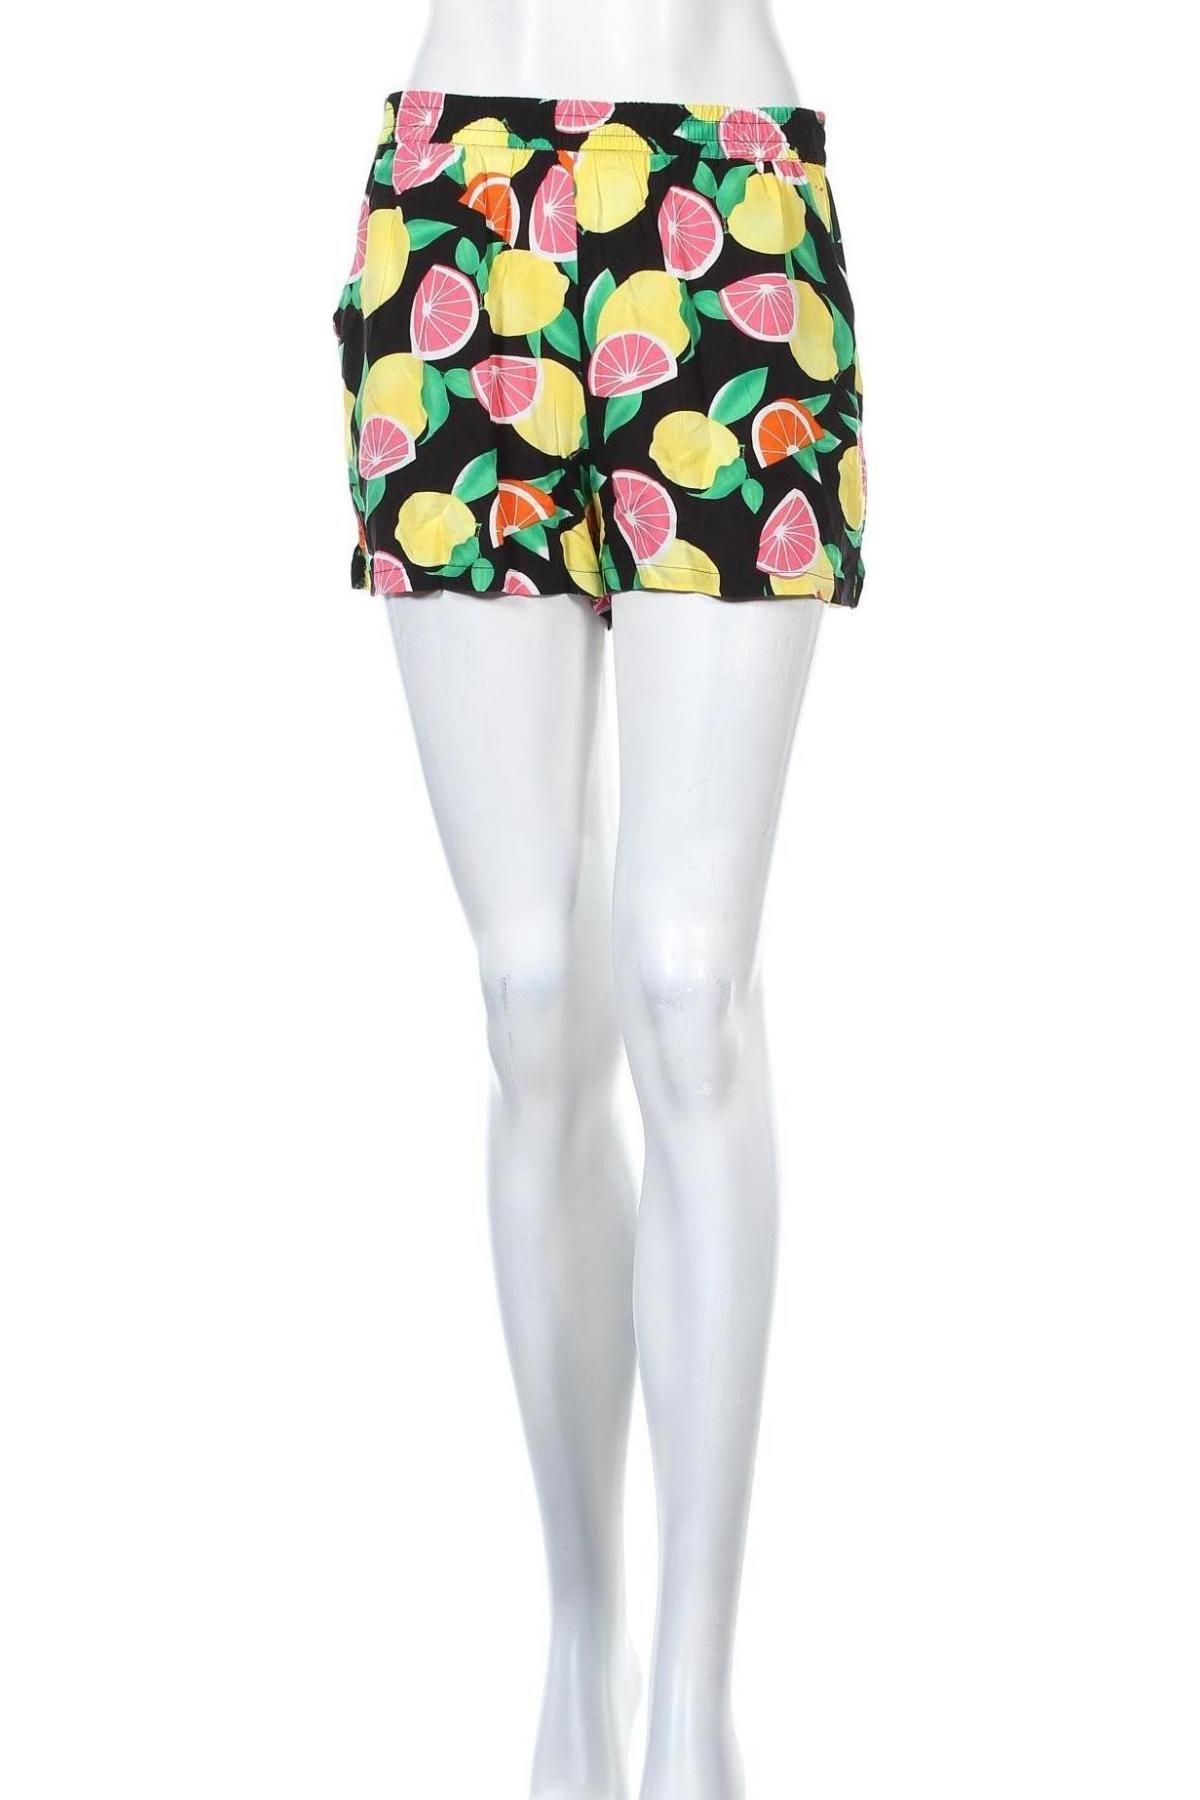 Γυναικείο κοντό παντελόνι ONLY, Μέγεθος M, Χρώμα Πολύχρωμο, Βισκόζη, Τιμή 12,99€